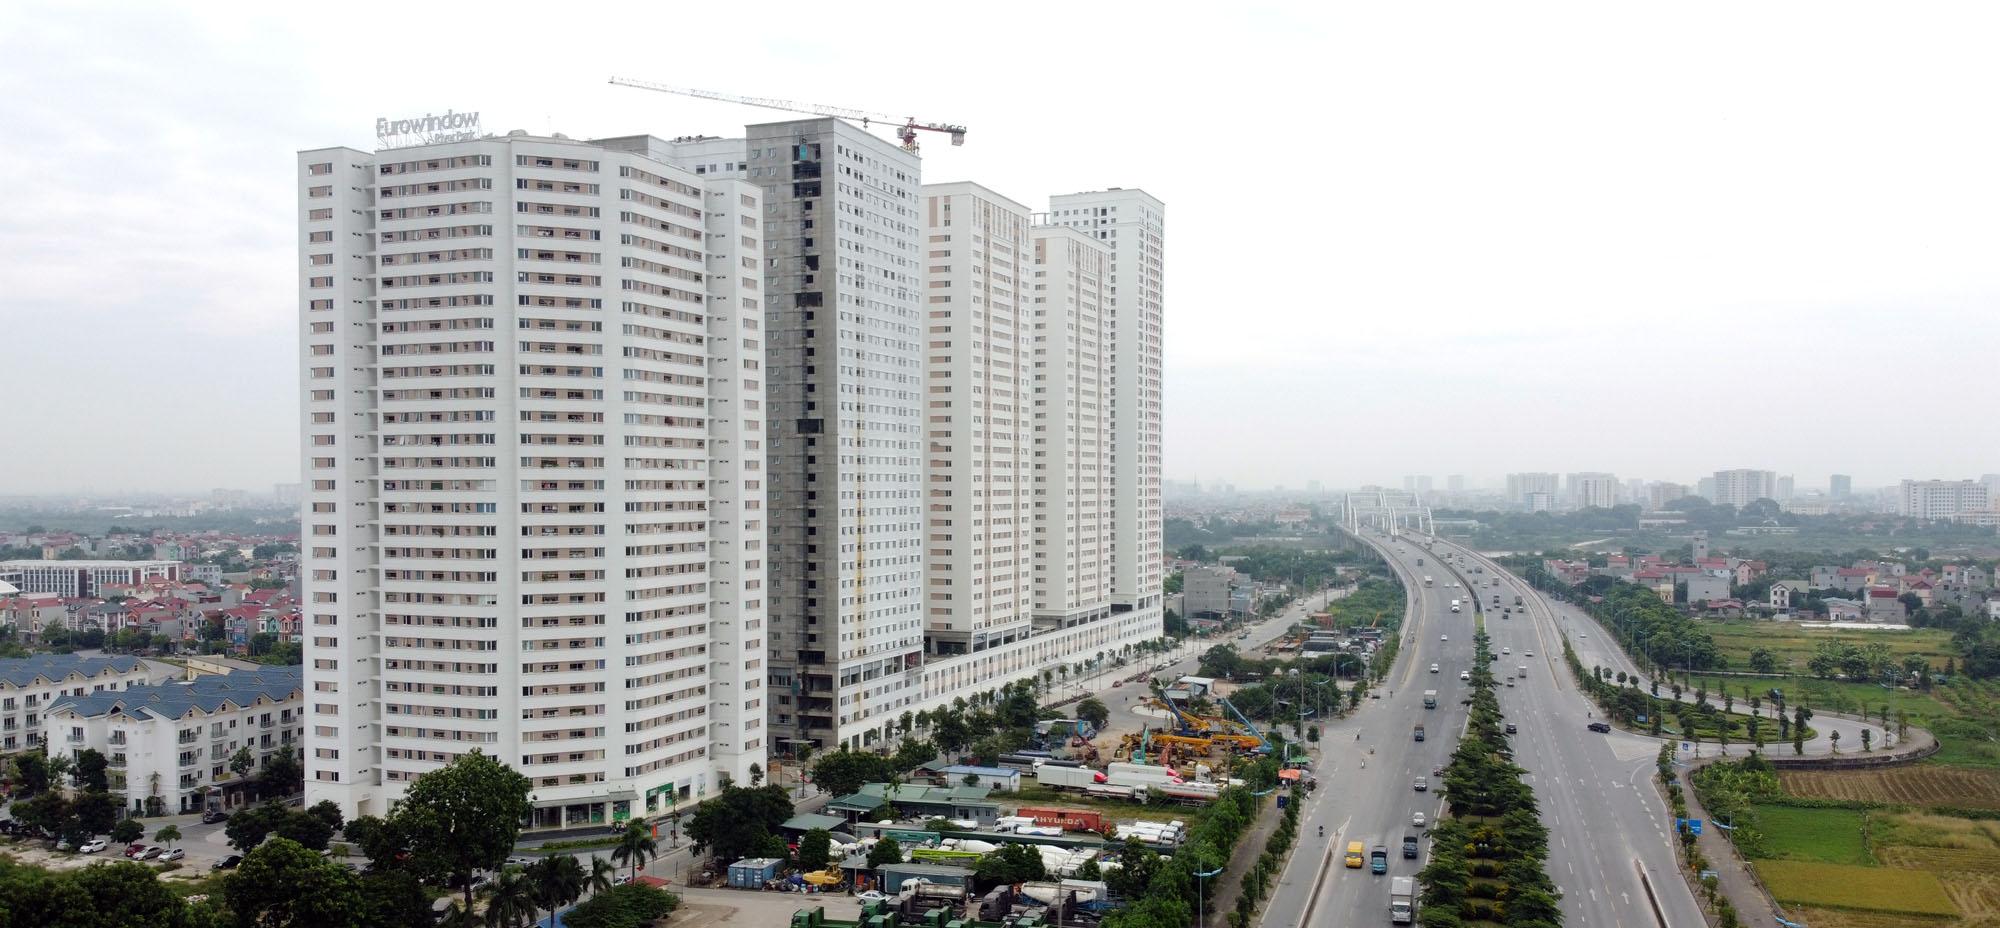 Phân khúc bất động sản nào có thể dẫn dắt nhà đầu tư trong năm 2021? - Ảnh 2.